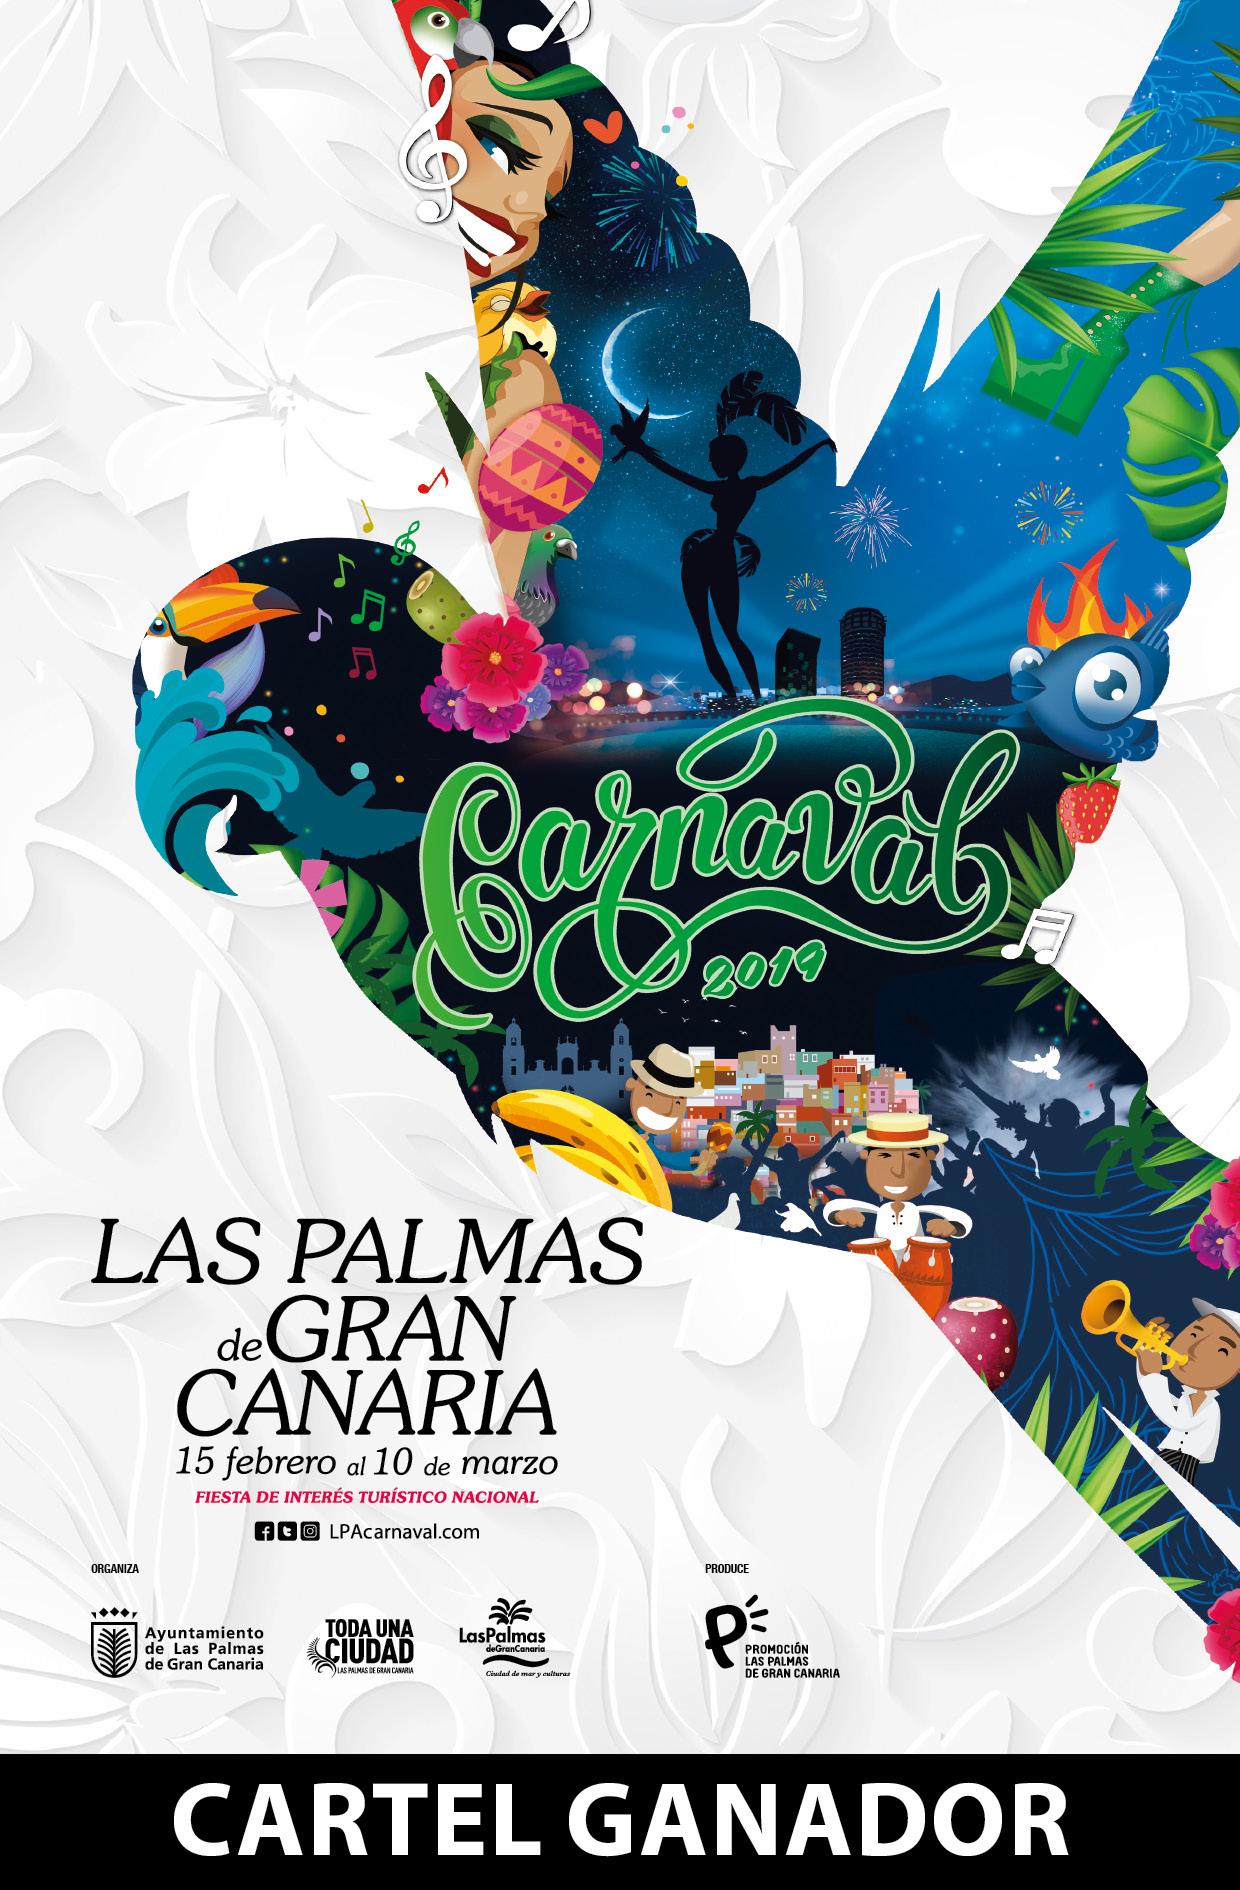 Calendario Carnaval 2020 Las Palmas.Carnaval Las Palmas De Gran Canaria